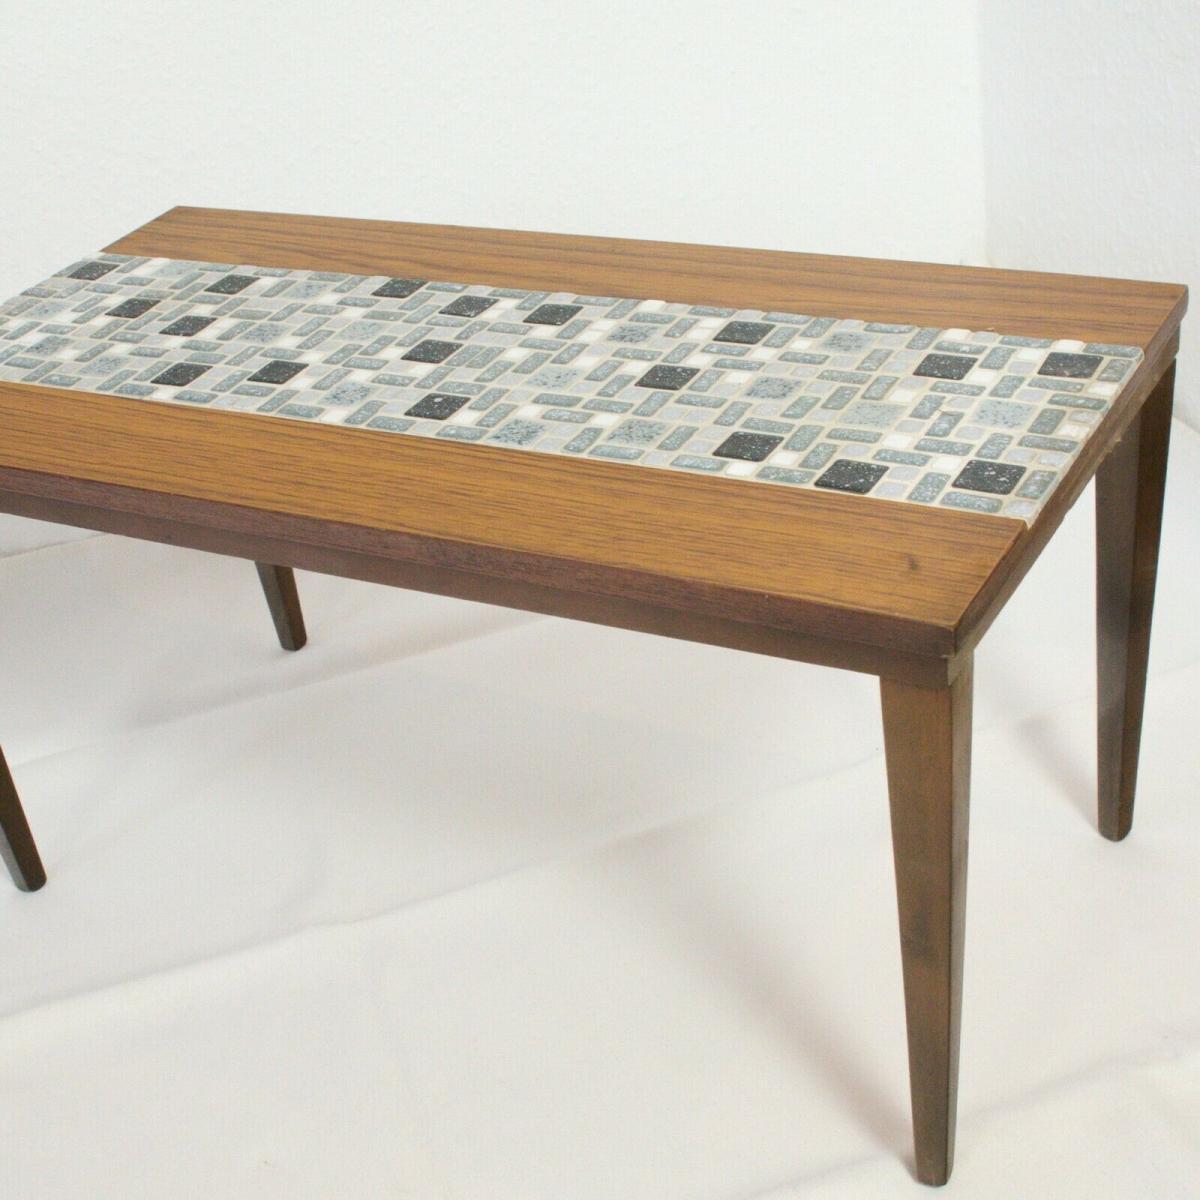 Midcentury blumenbank mosaik bank in nussbaum kunststoff furnier 60er jahre 8